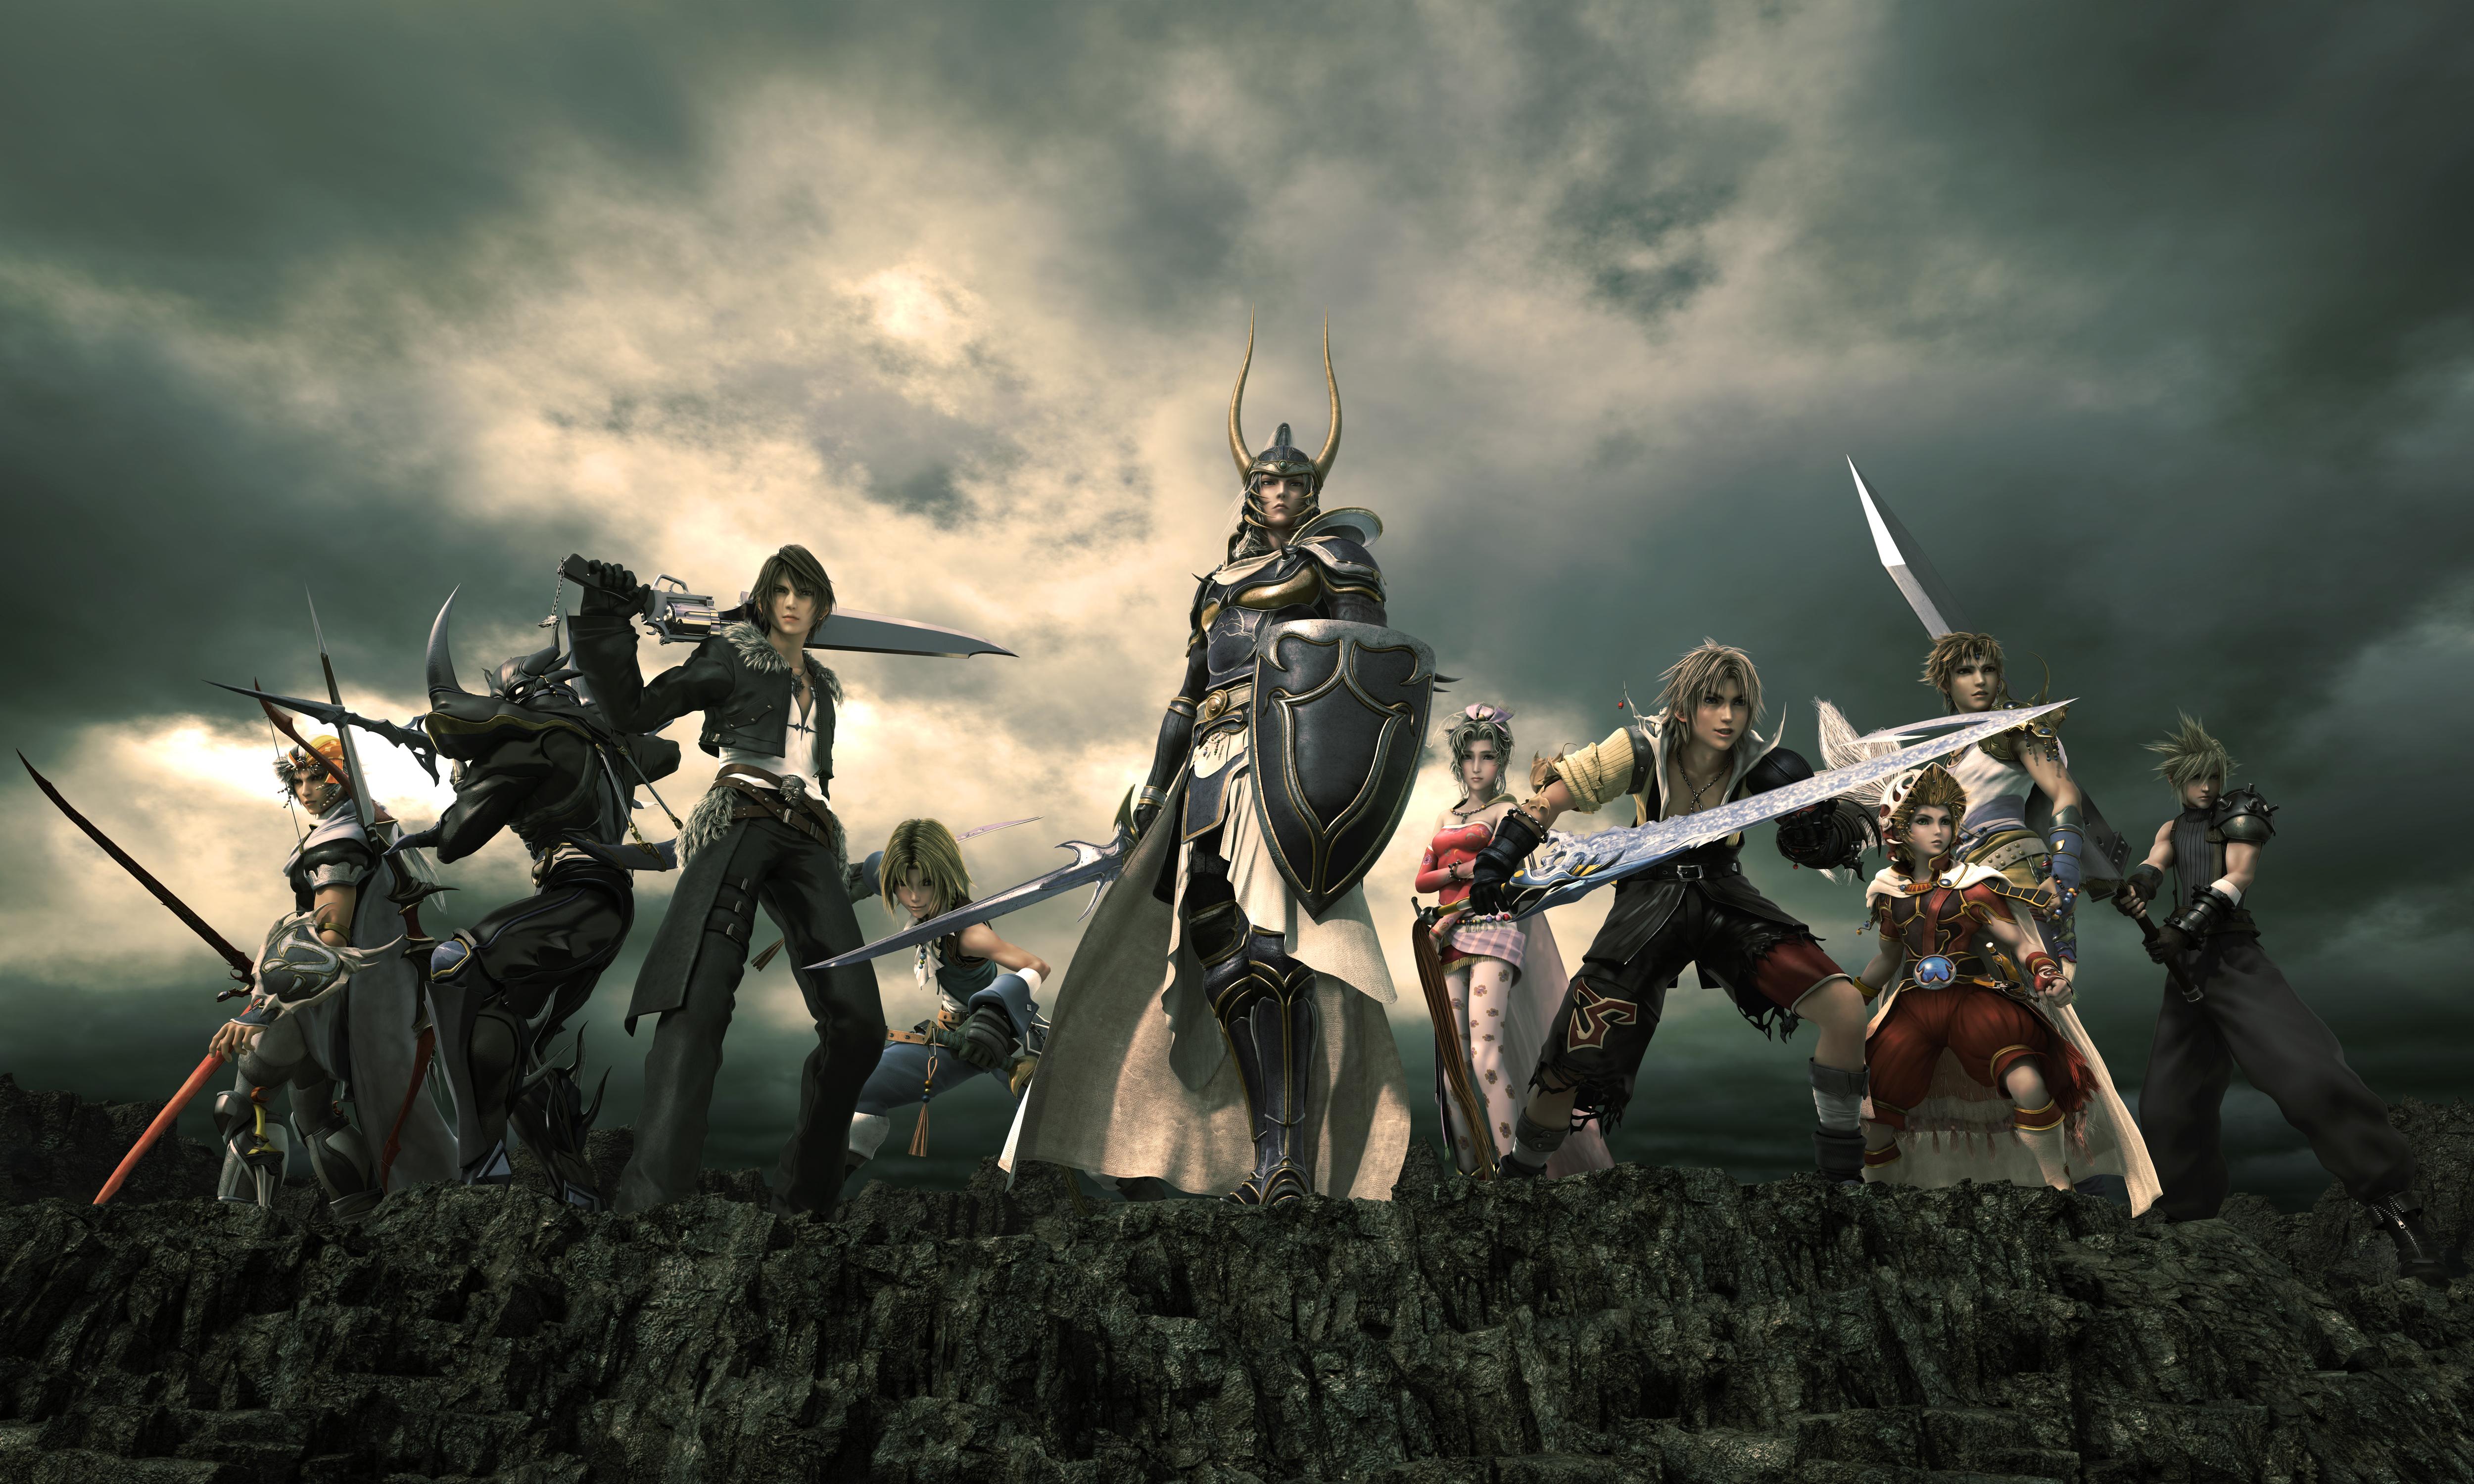 Top 10 Final Fantasy Weapon Designs